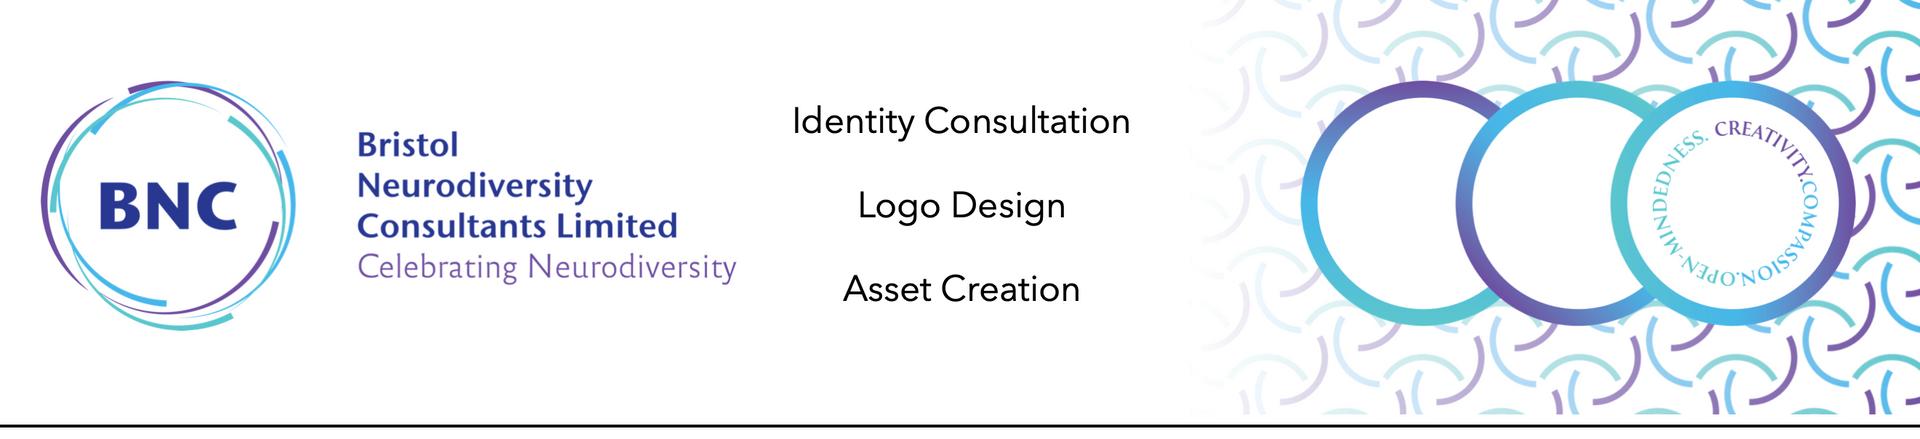 Client Work - BNC